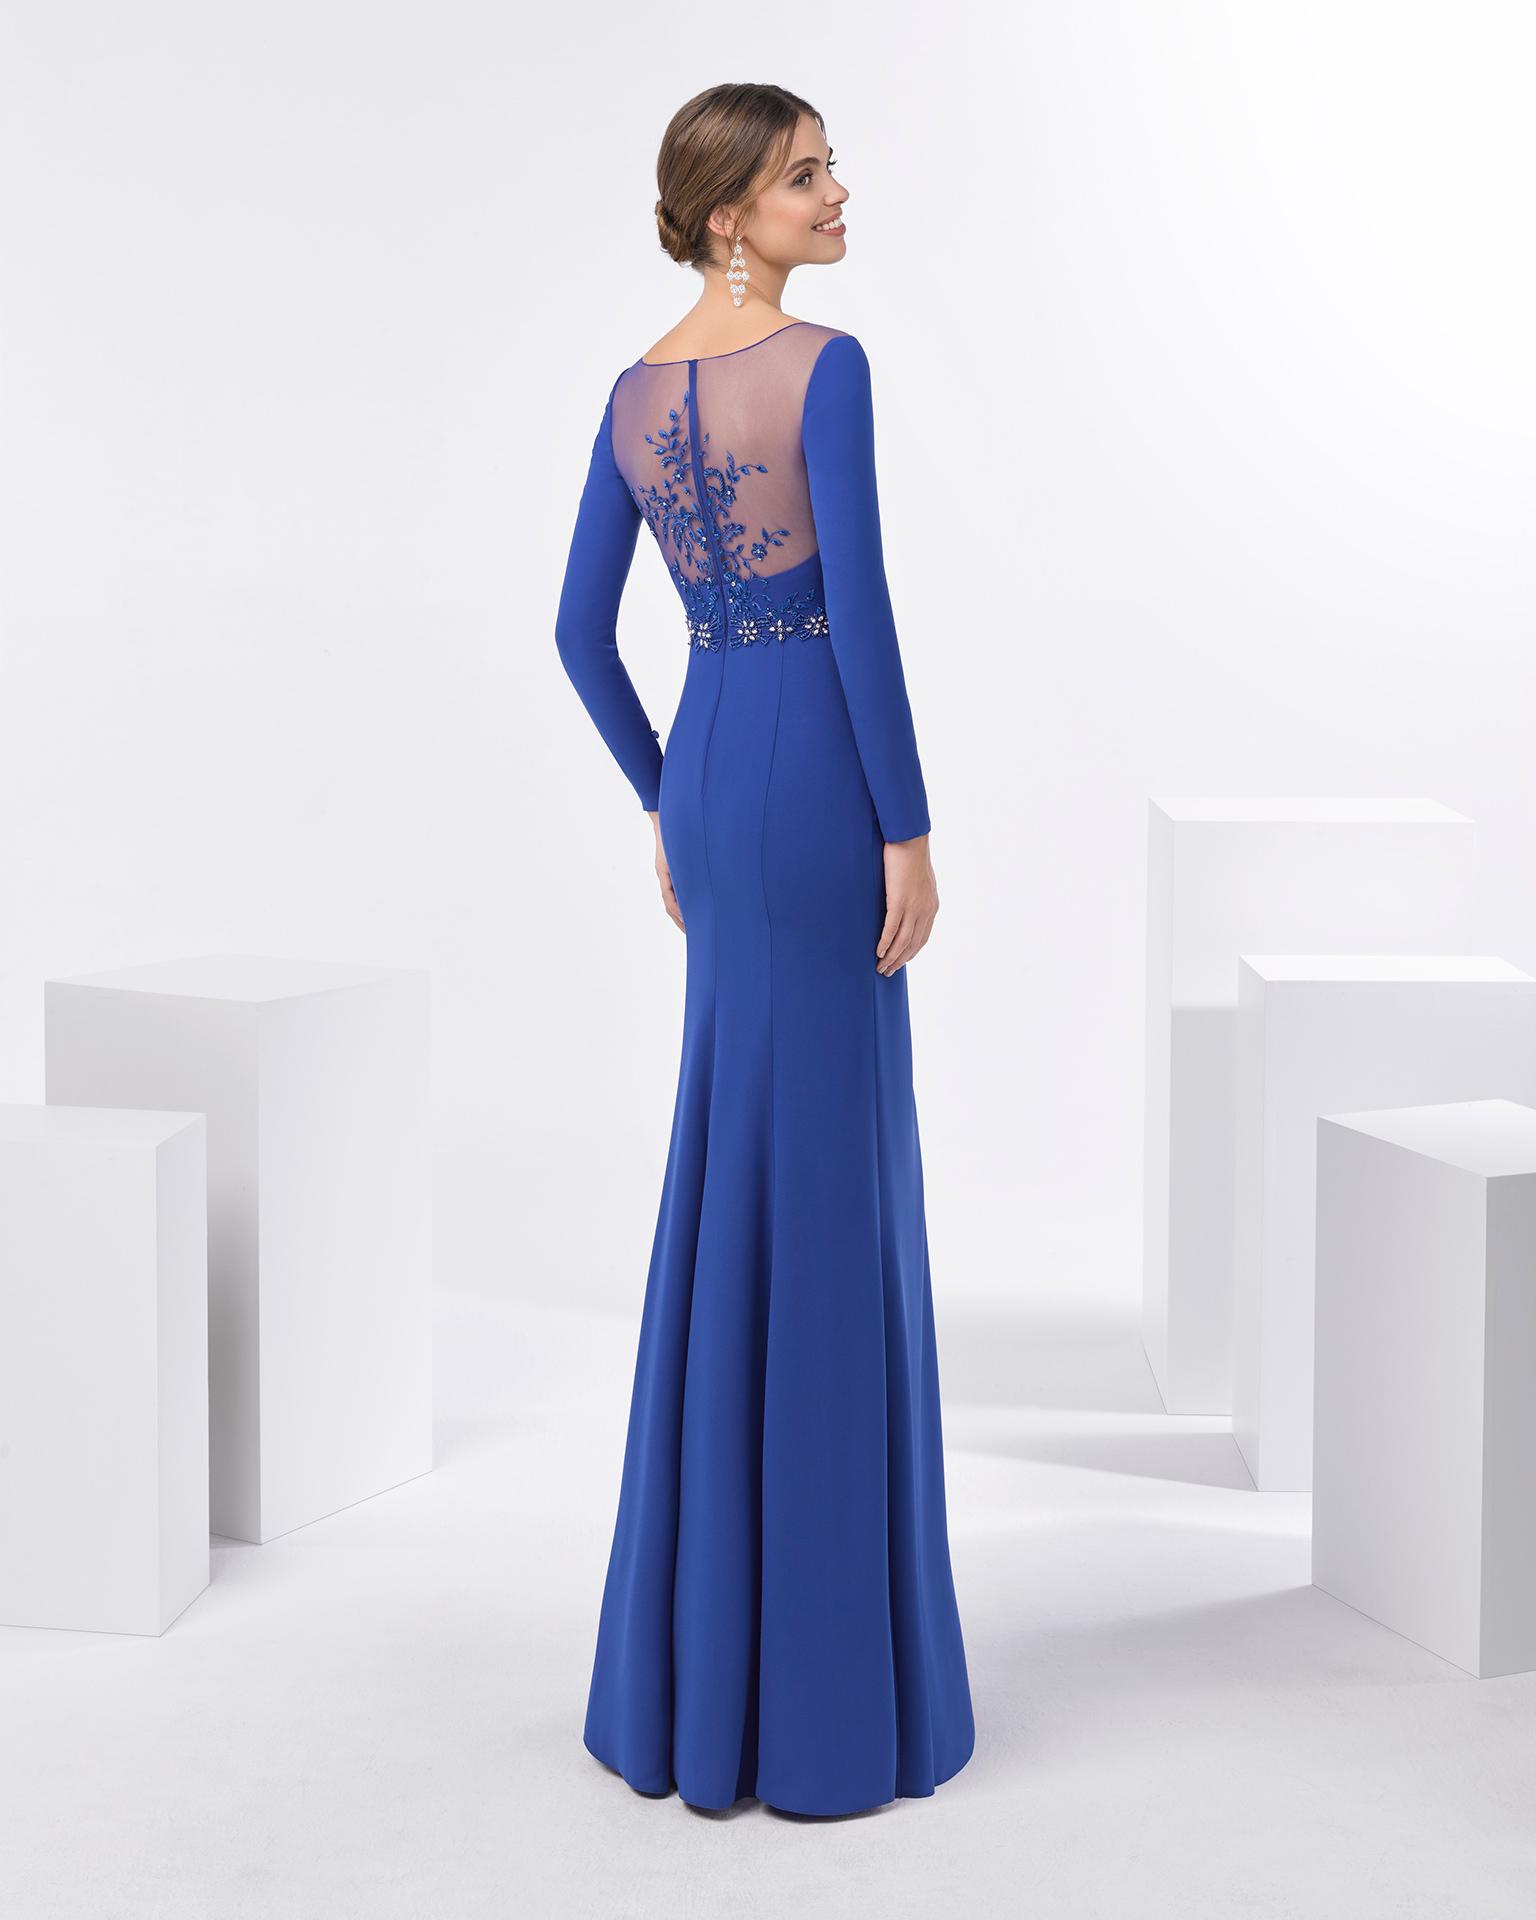 长款珠饰绉绸鸡尾酒会礼服,采用长袖设计。 有深蓝色、红色和绿色可选。 FIESTA AIRE BARCELONA 新品系列 2018.